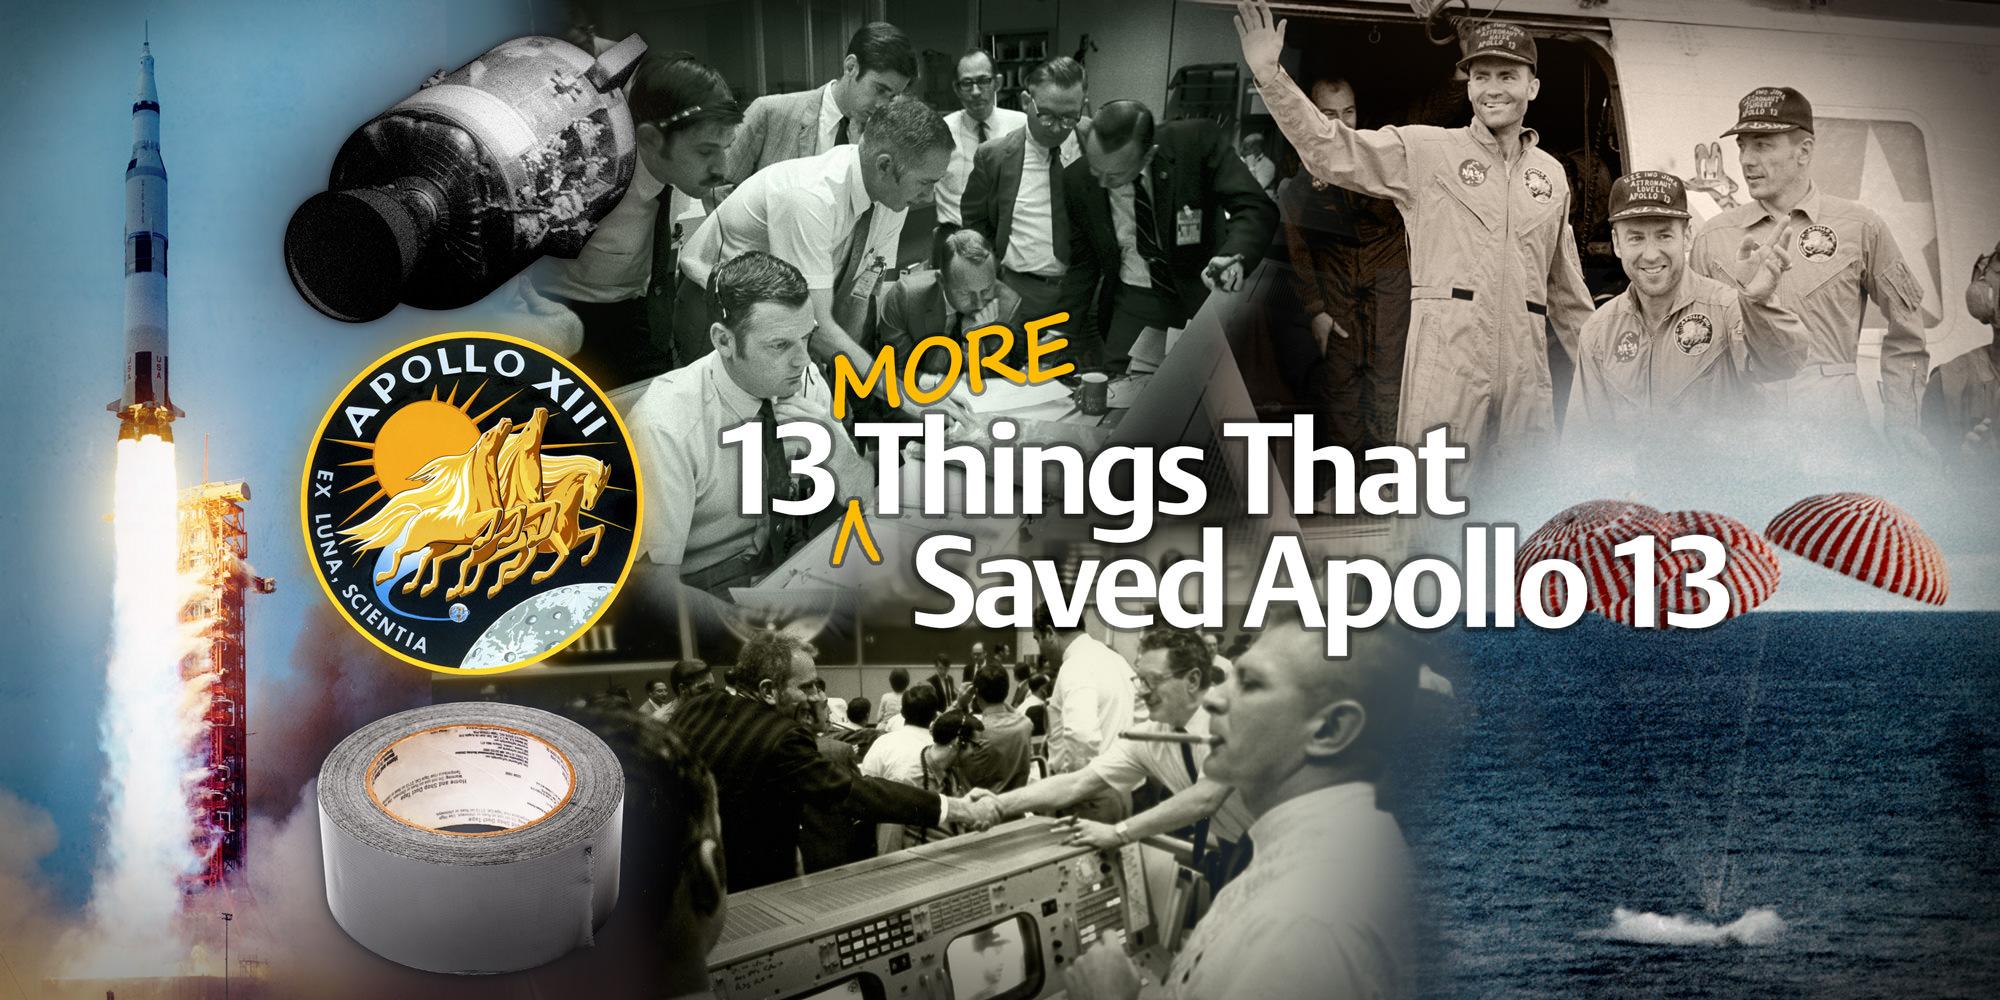 Apollo 13 video questions